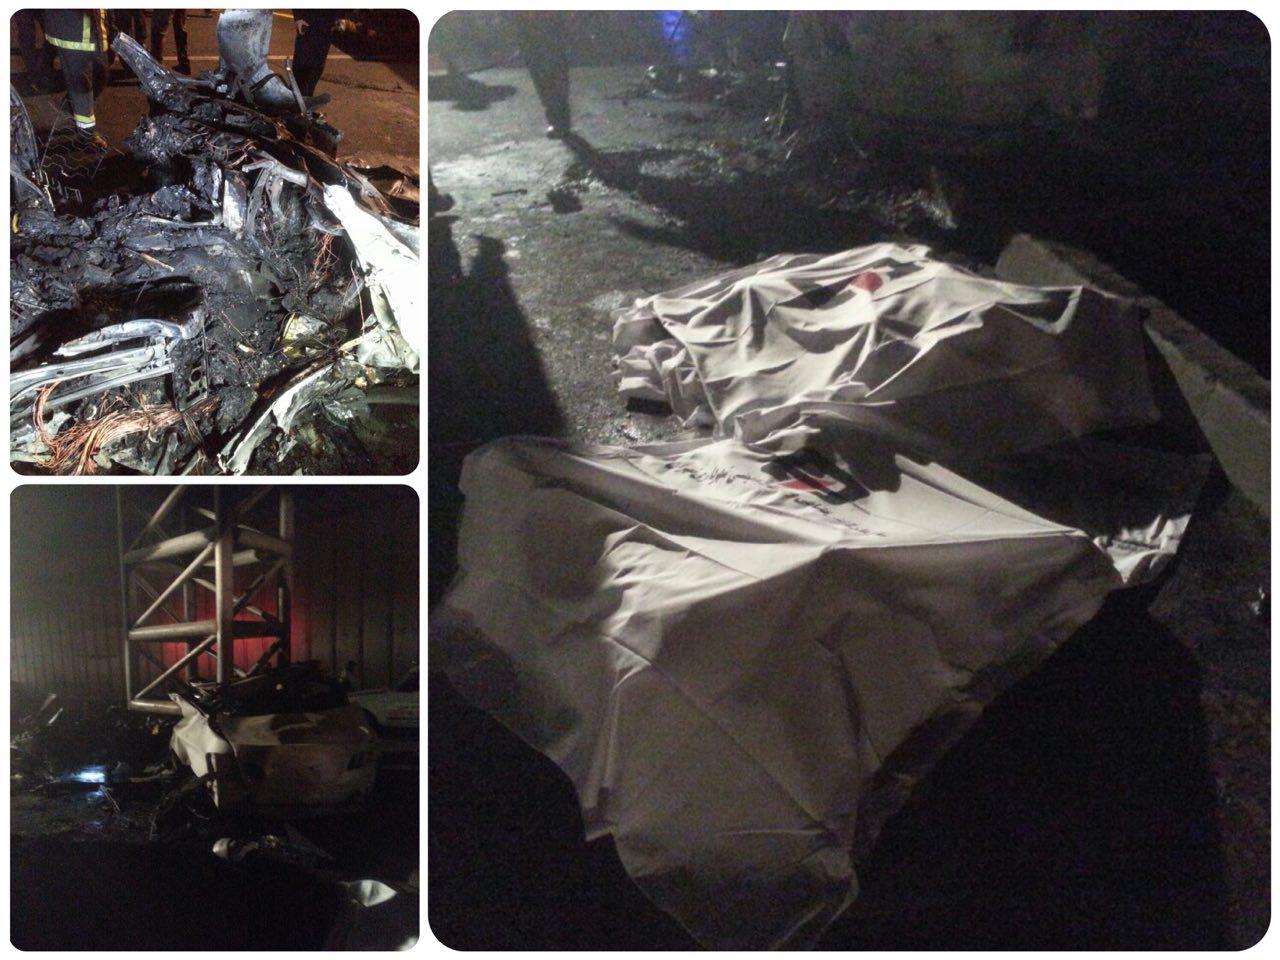 مرگ 3 نفر در تصادف مرگبار خودروی لوکس +عکس